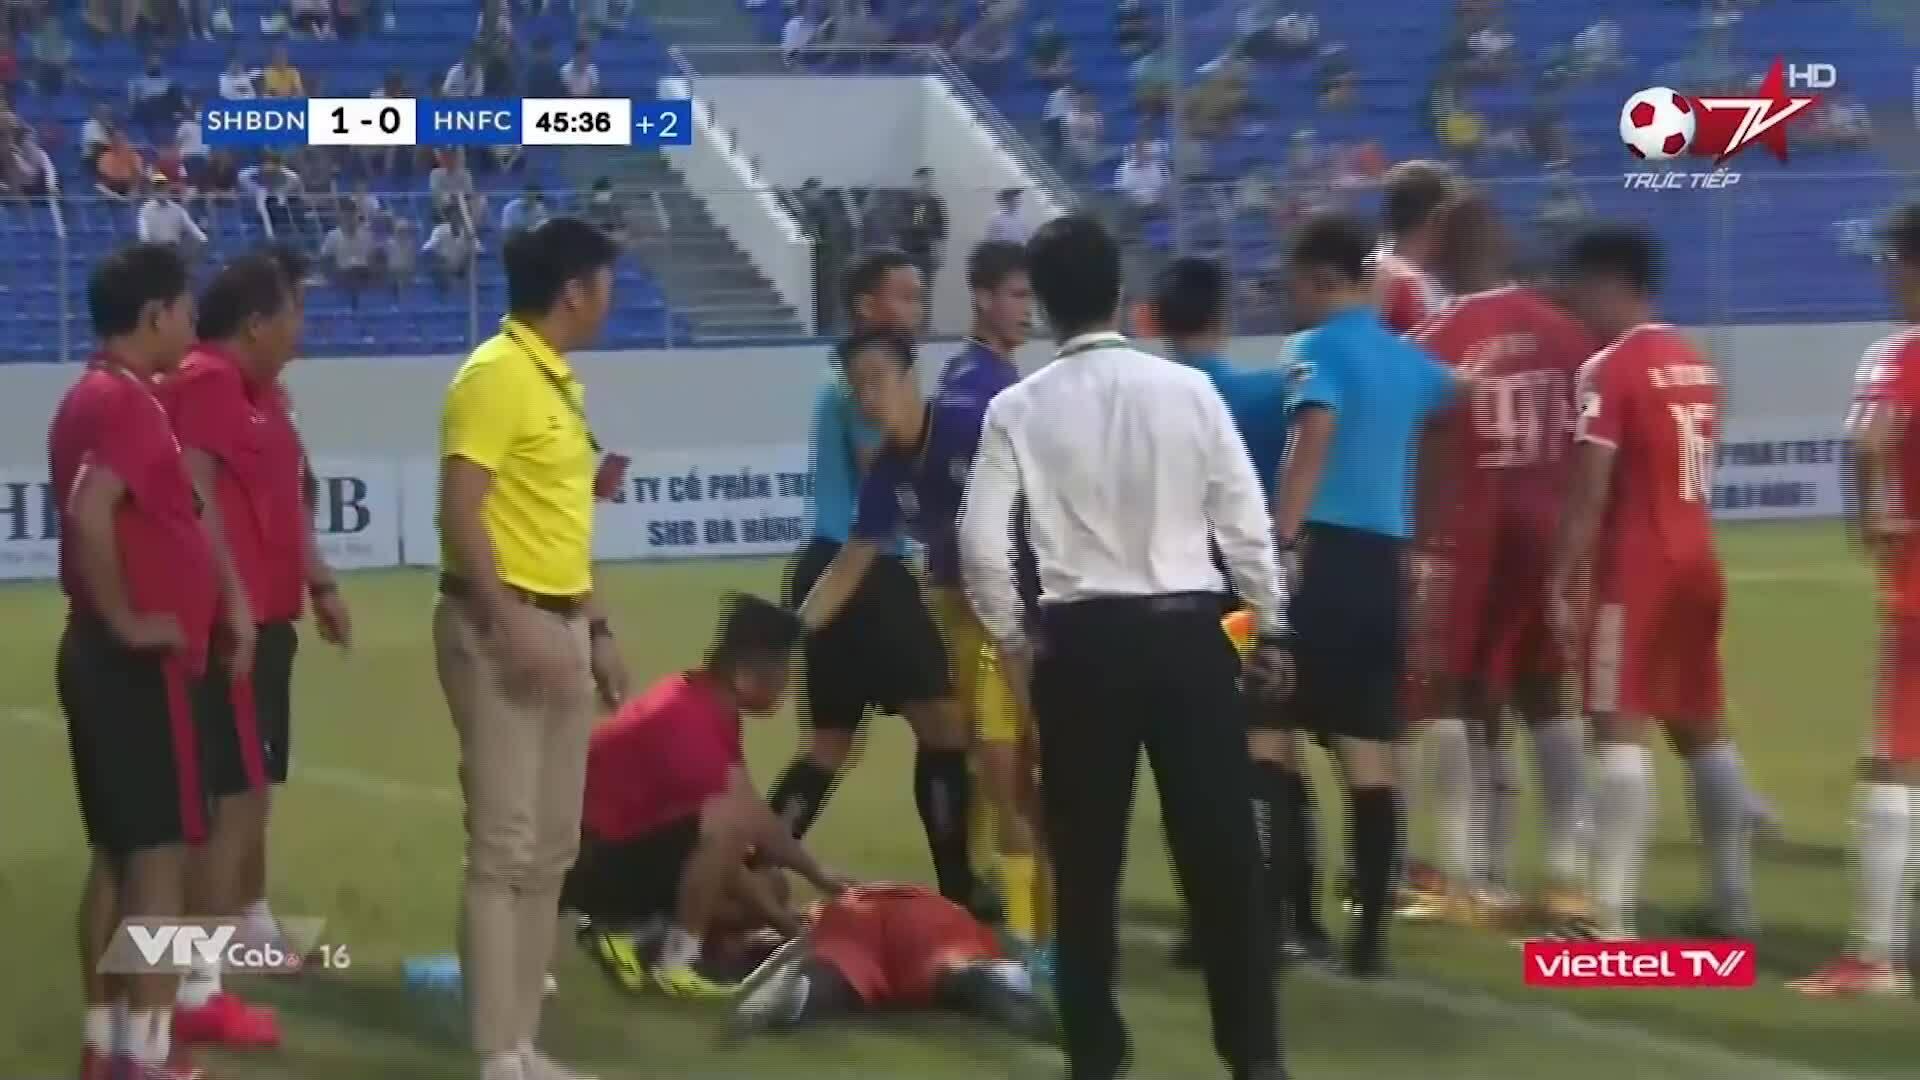 Va chạm giữa cầu thủ Đà Nẵng và Hà Nội